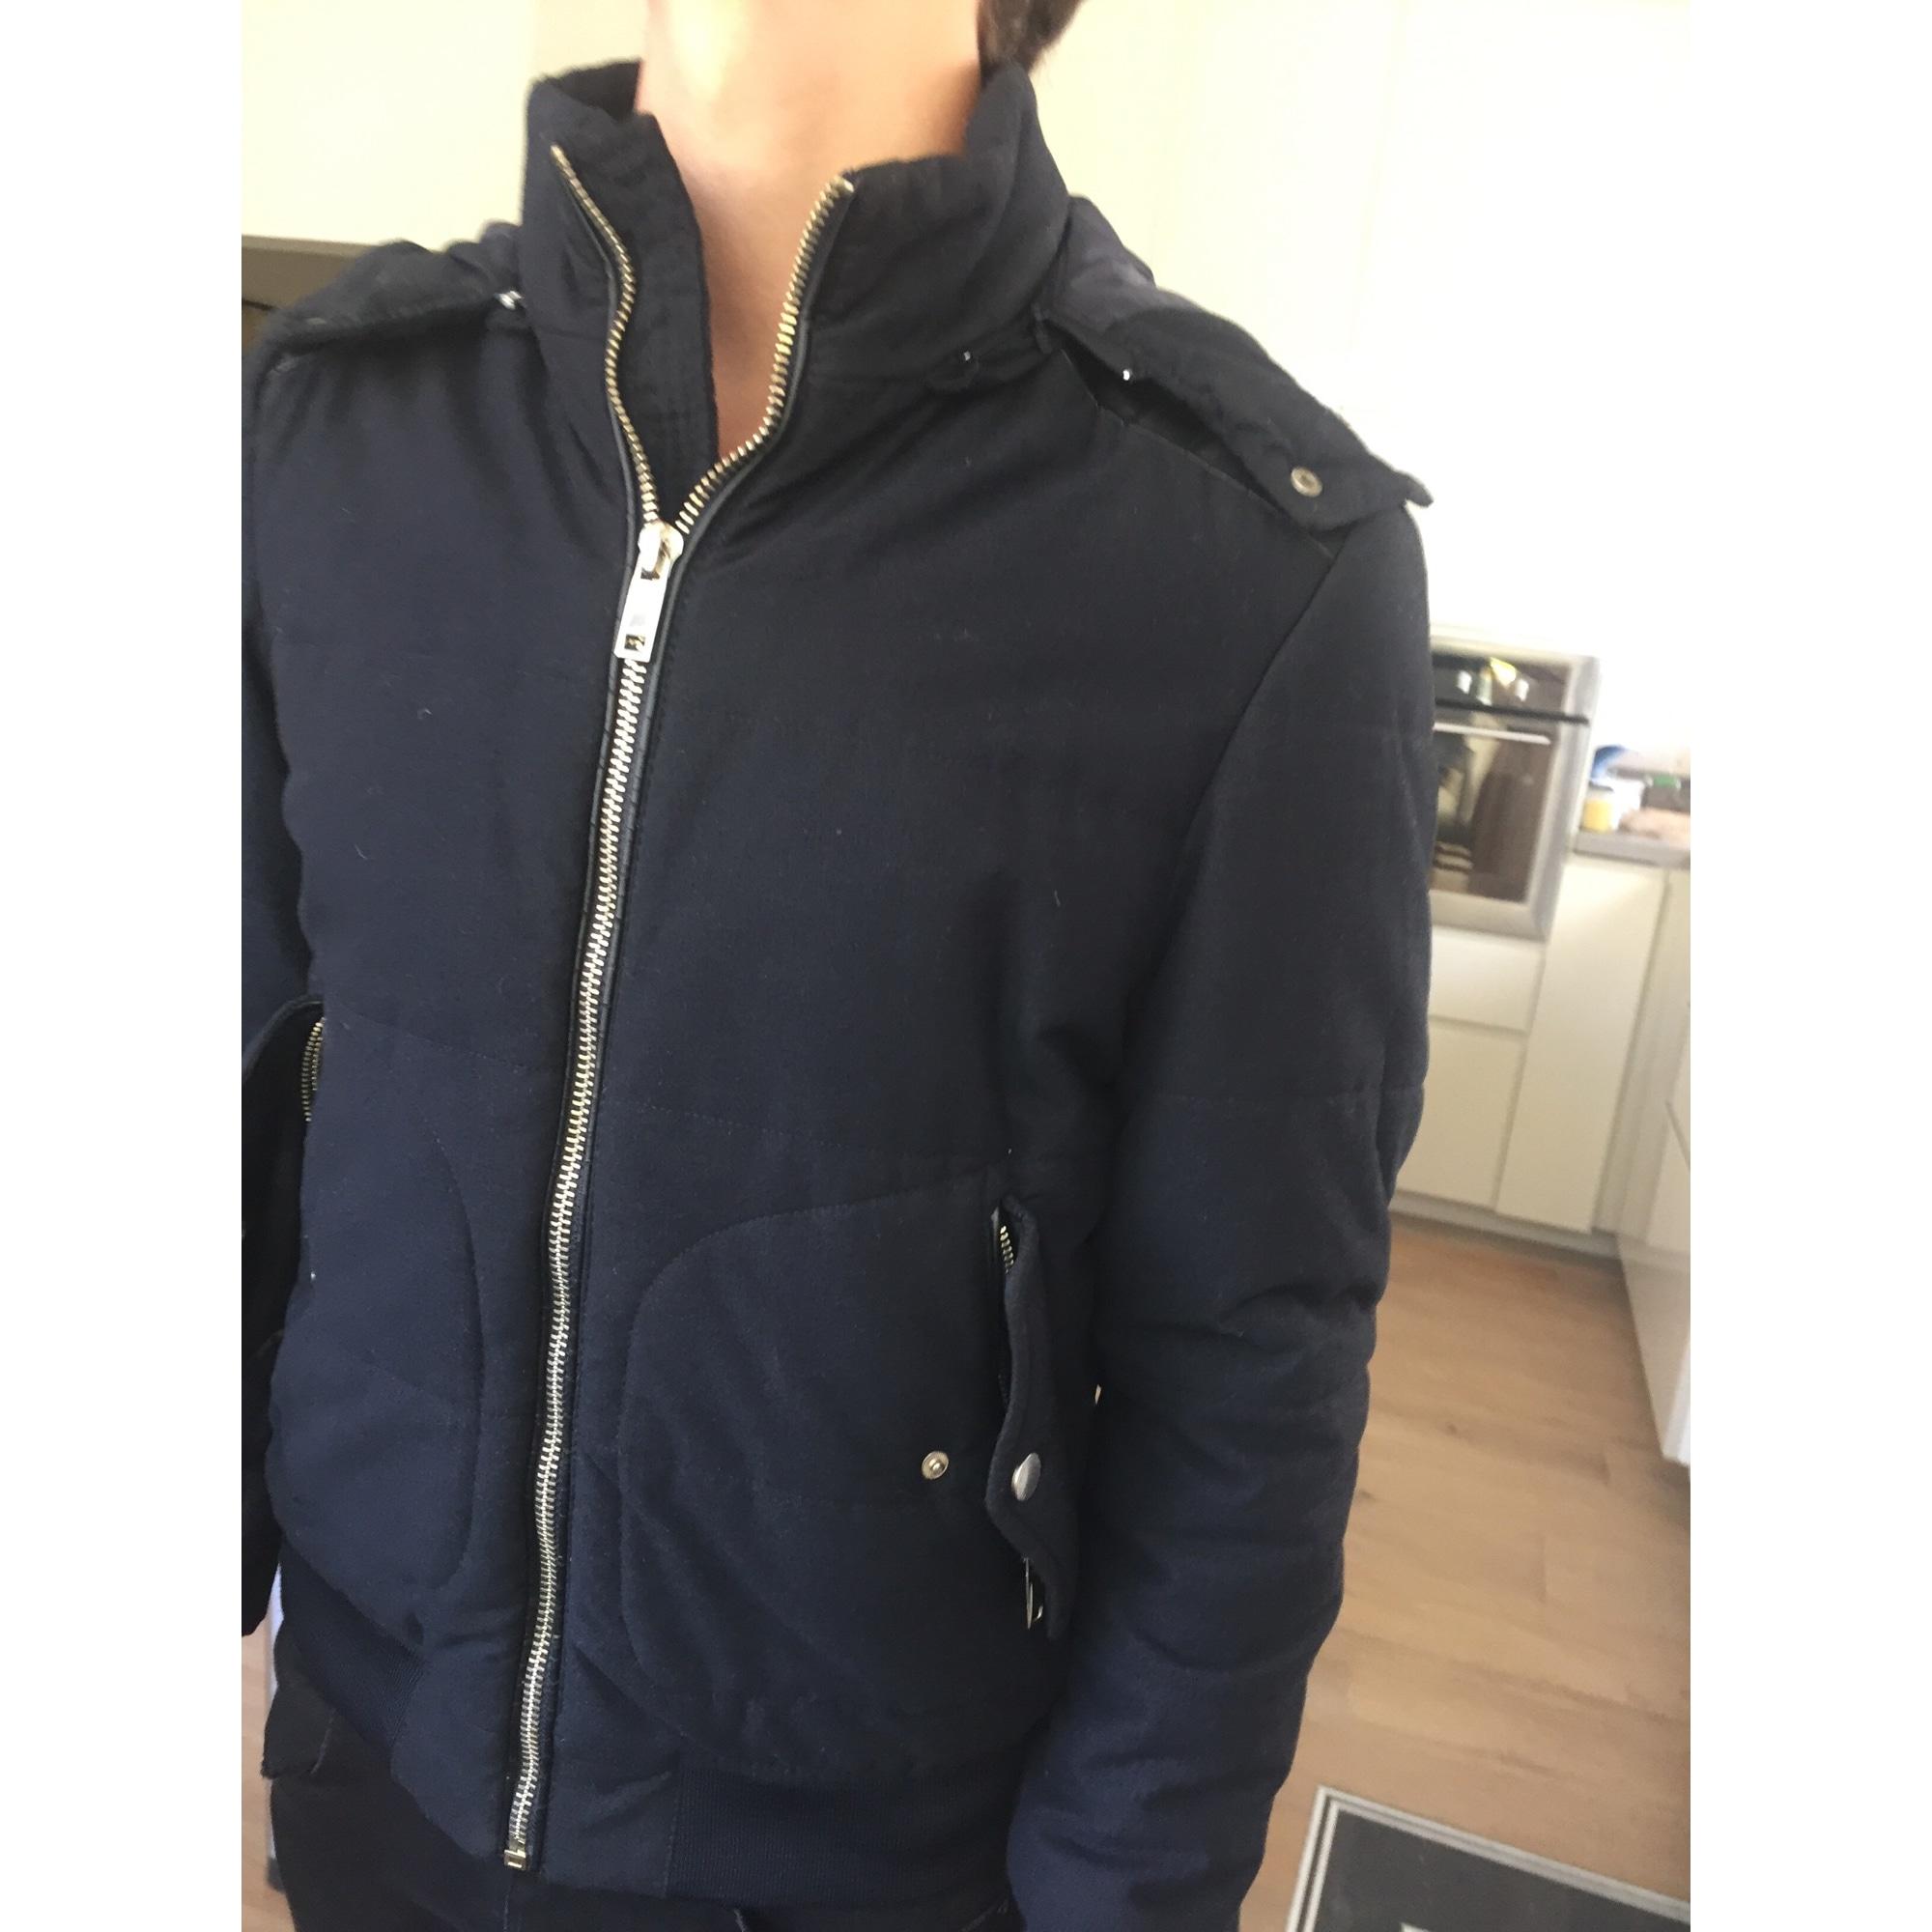 Zara Doudoune 38 Zara Doudoune Bleu 7795918 g0ZP1ngz 797a84e4d2c